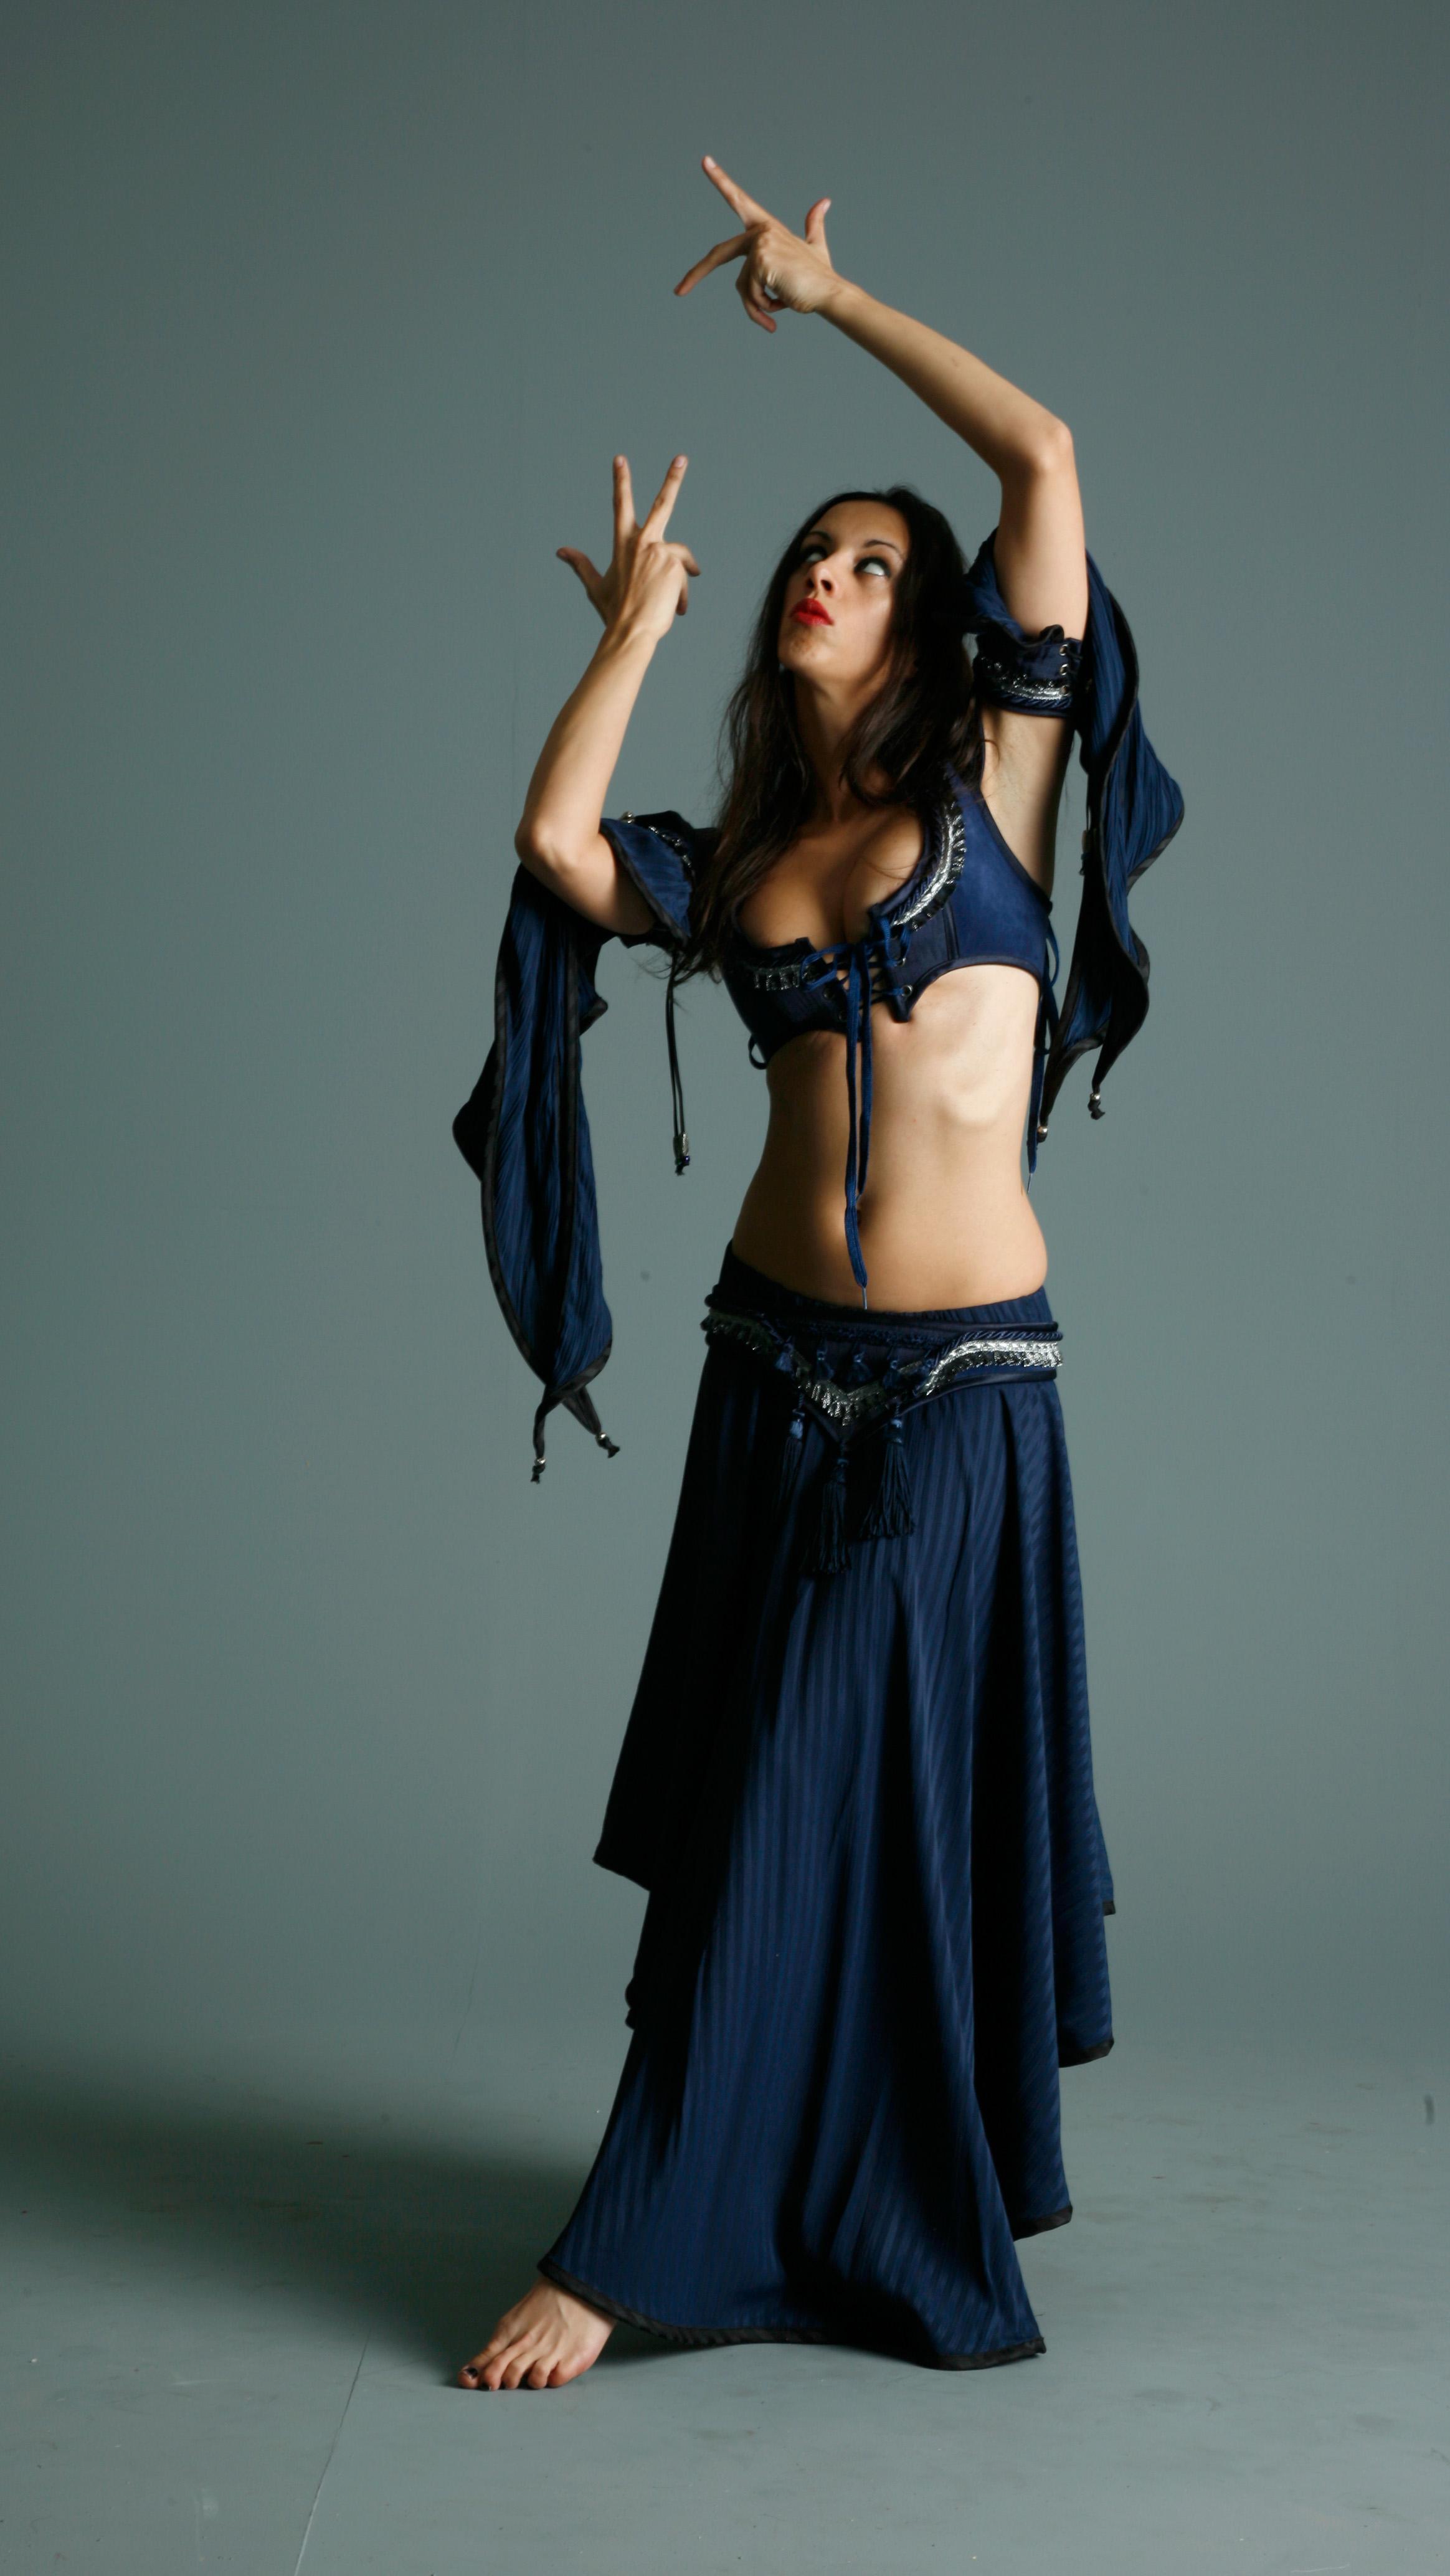 Desert Dancer - 8 by mjranum-stock